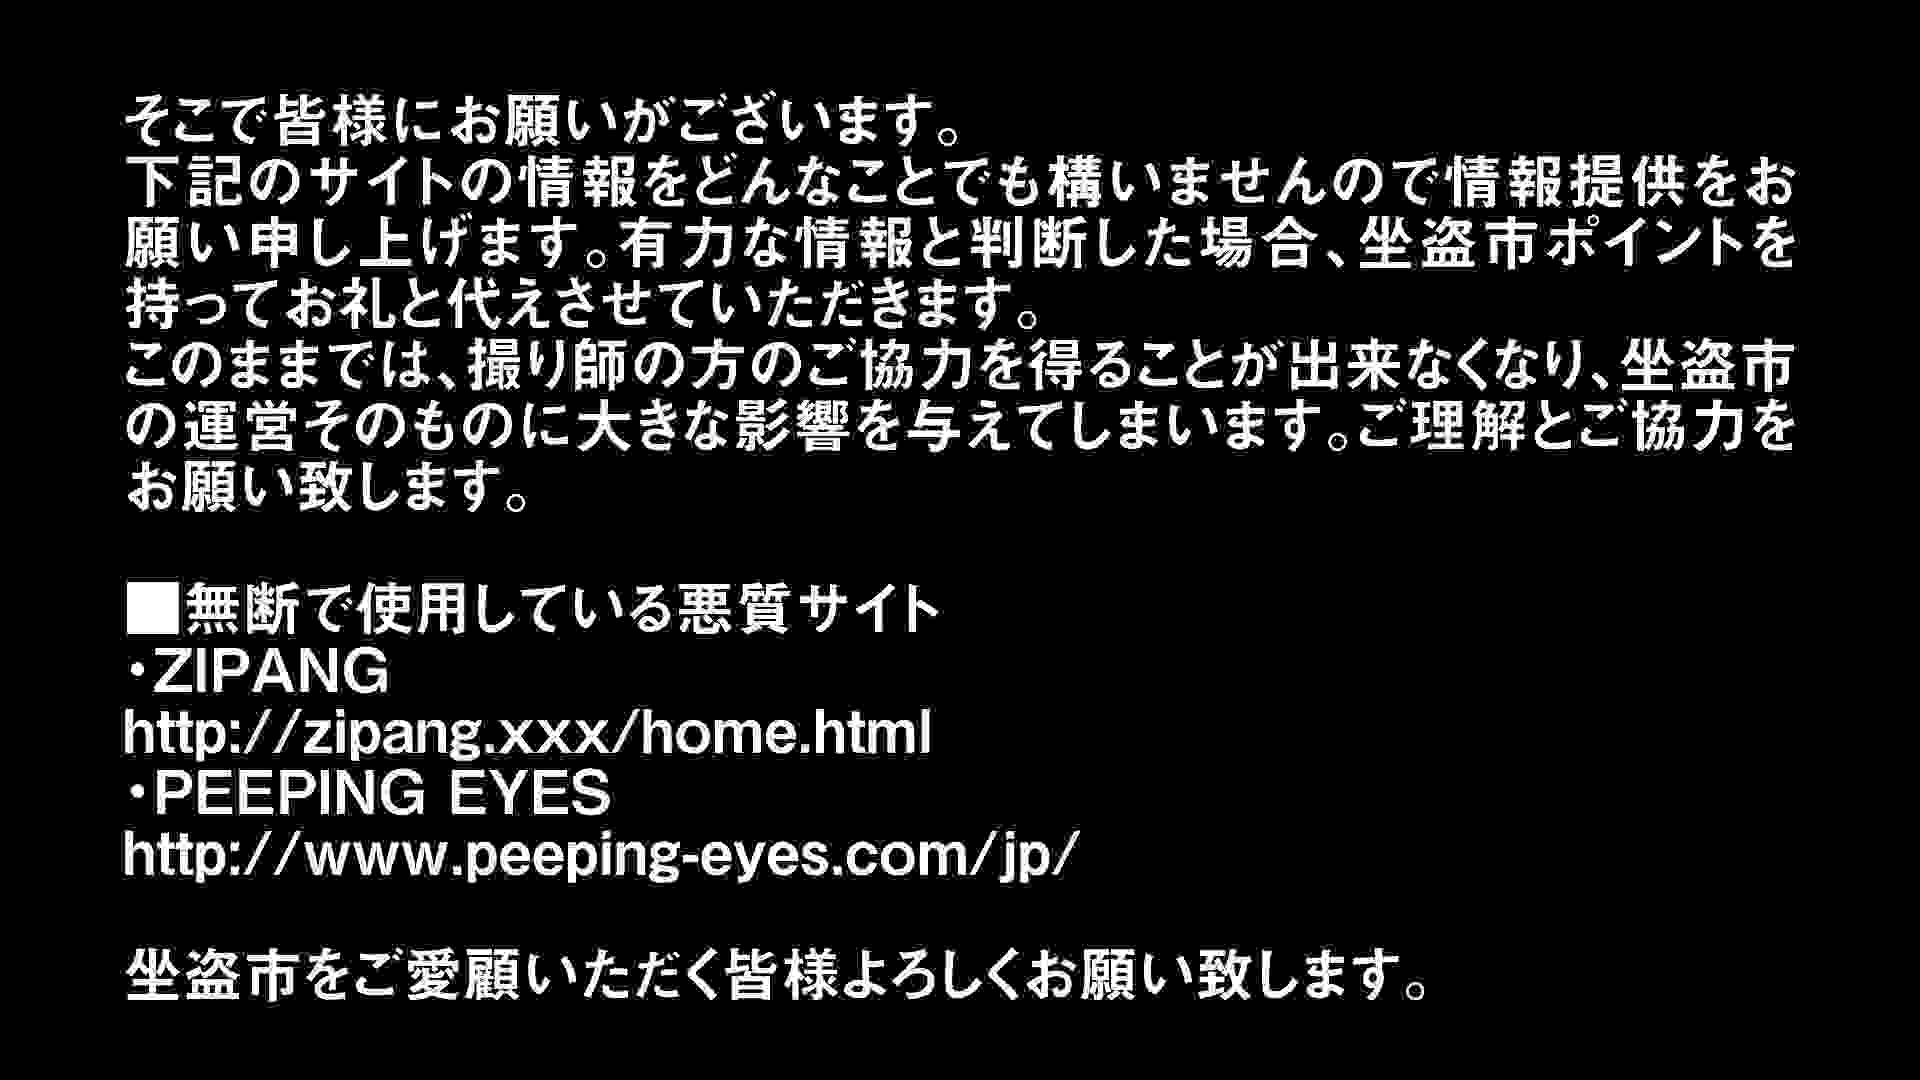 Aquaな露天風呂Vol.299 盗撮シリーズ  82PIX 34